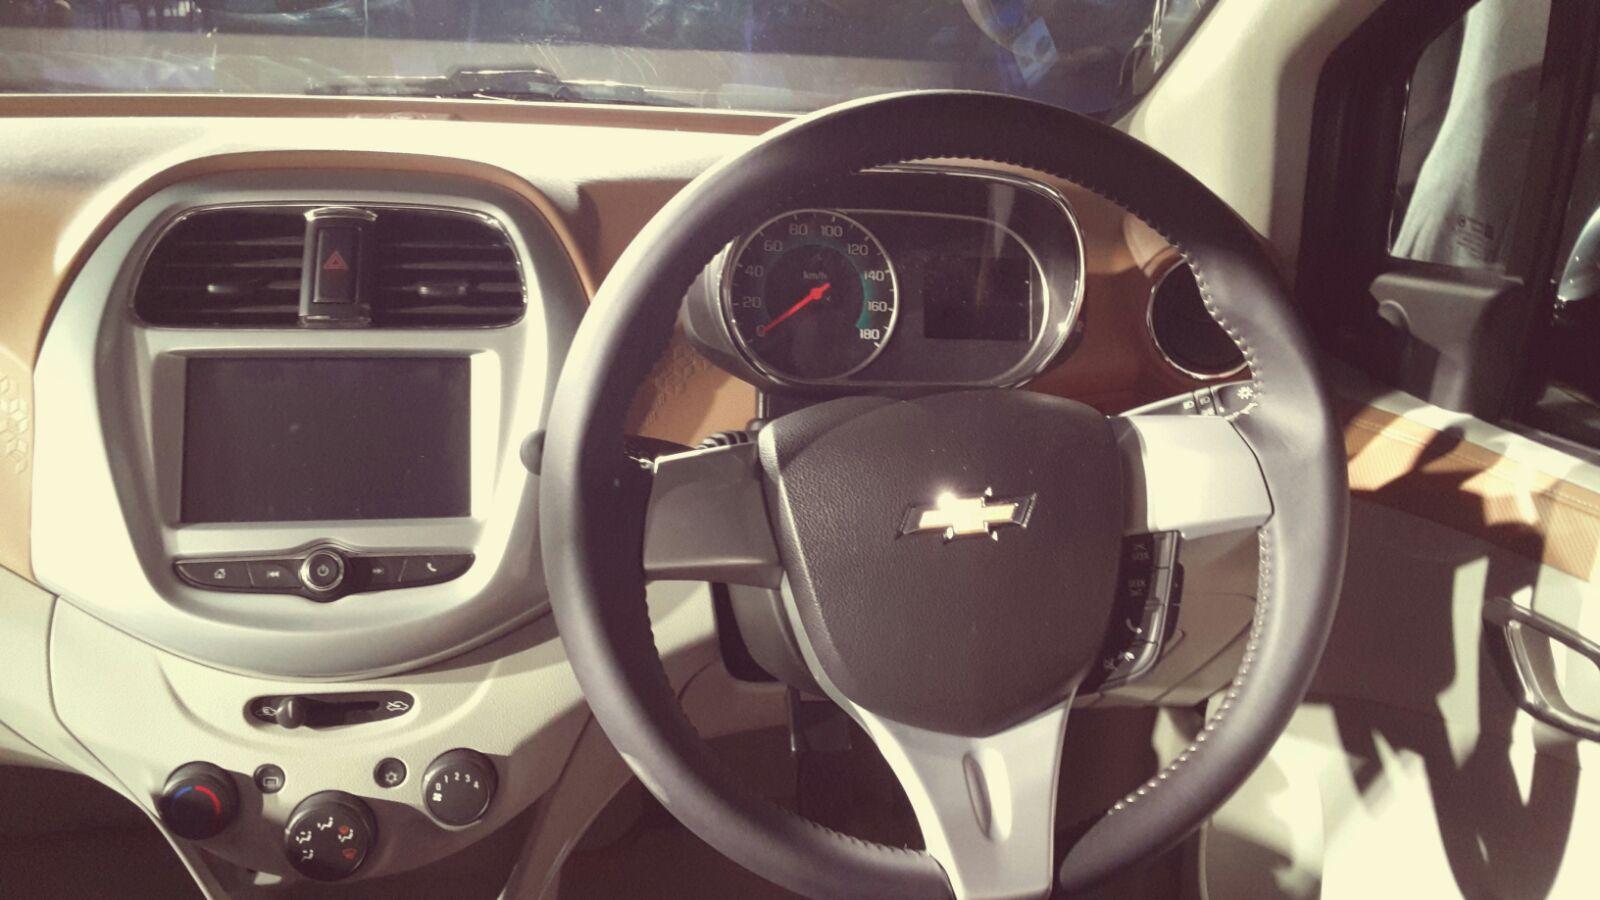 Chevrolet Essentia India Launch Date Price Specs Mileage Pics